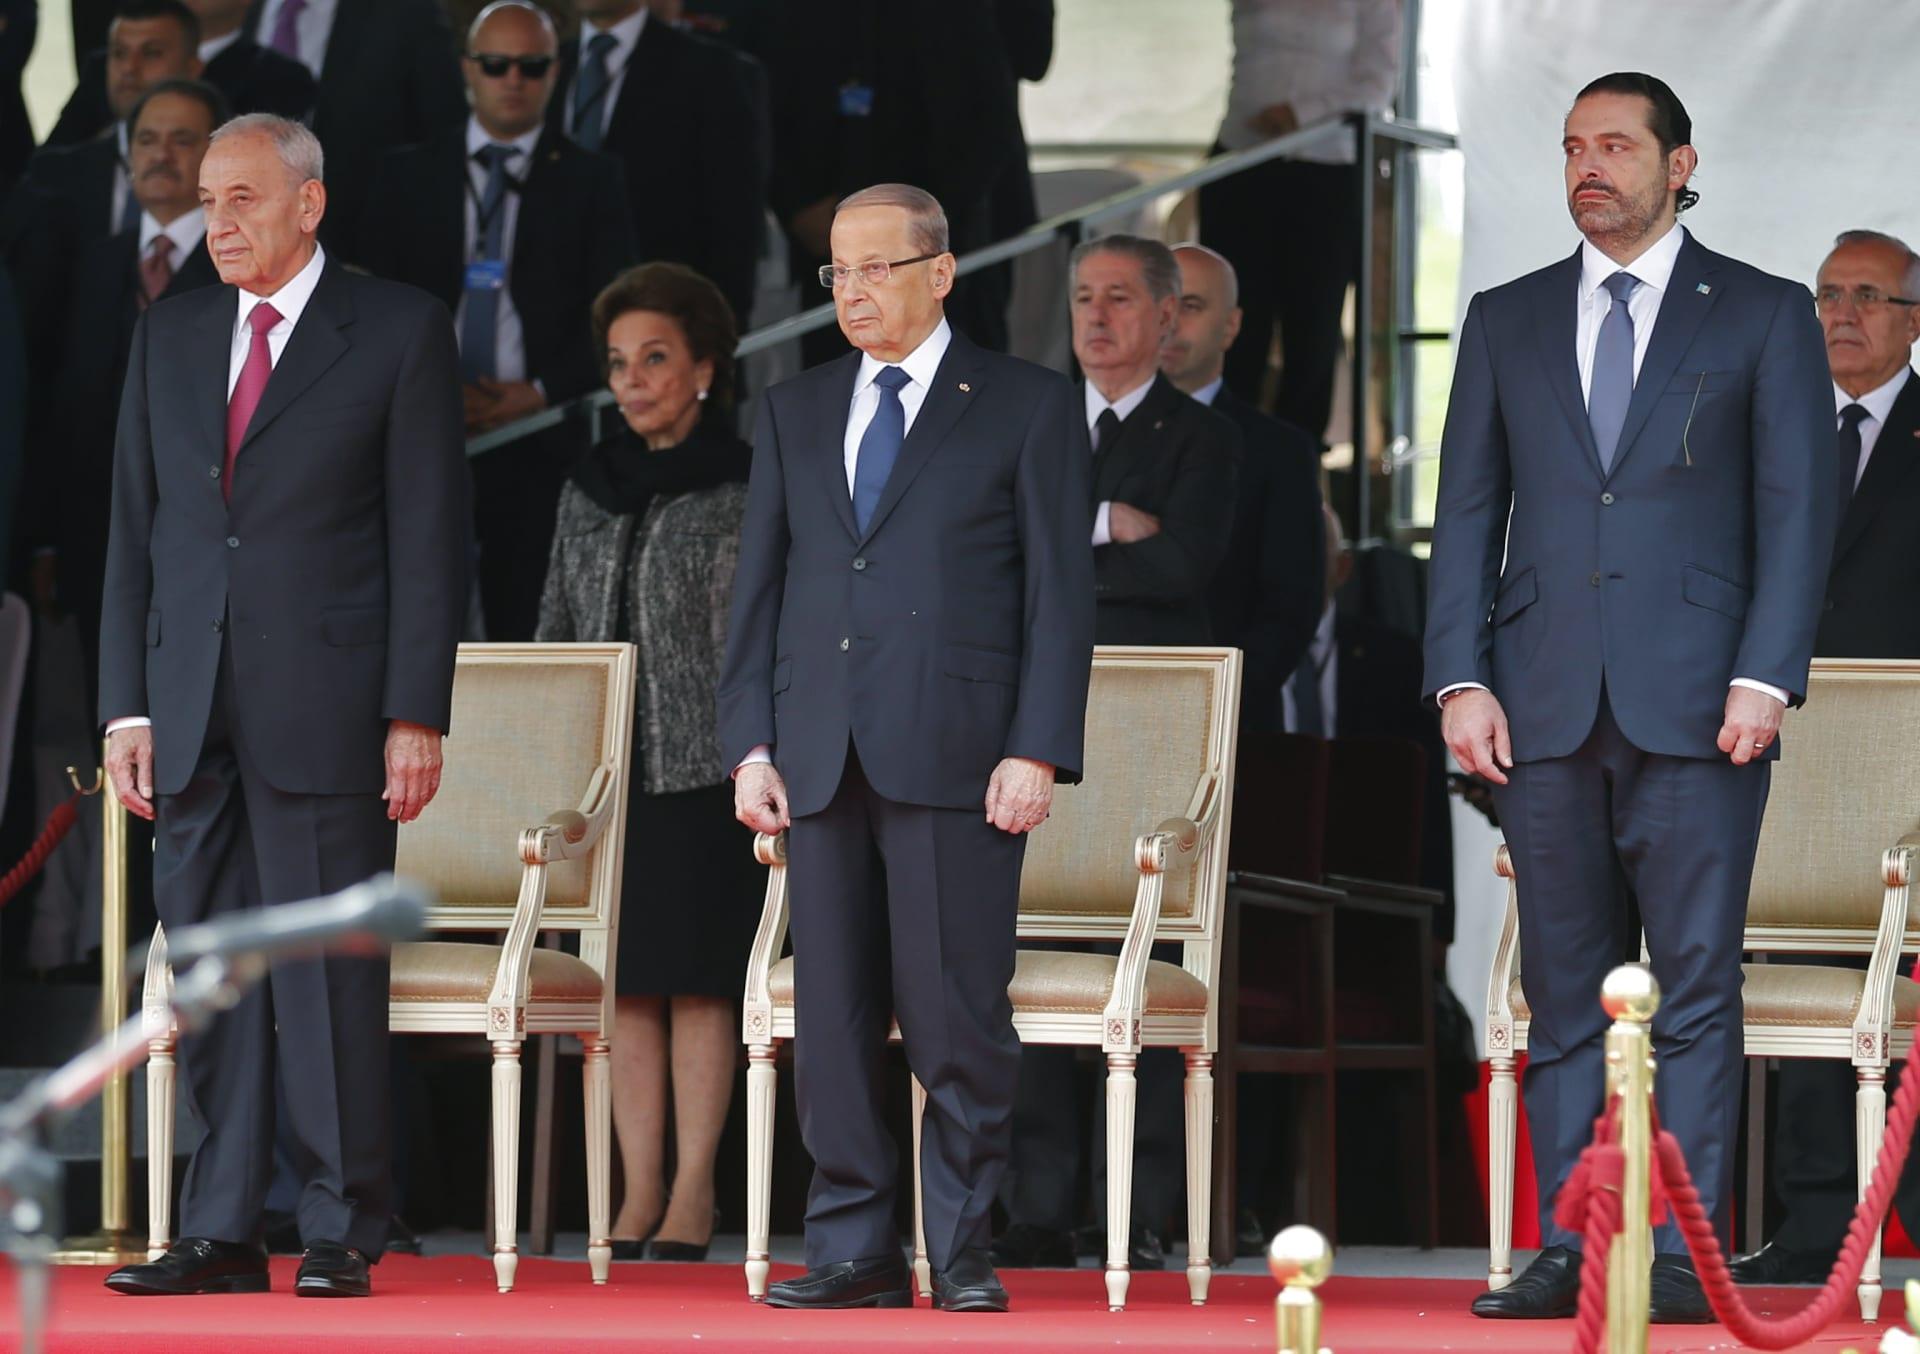 بقضية تهريب المخدرات للسعودية.. وزير الداخلية اللبناني يطلع عون على نتائج التحقيقات